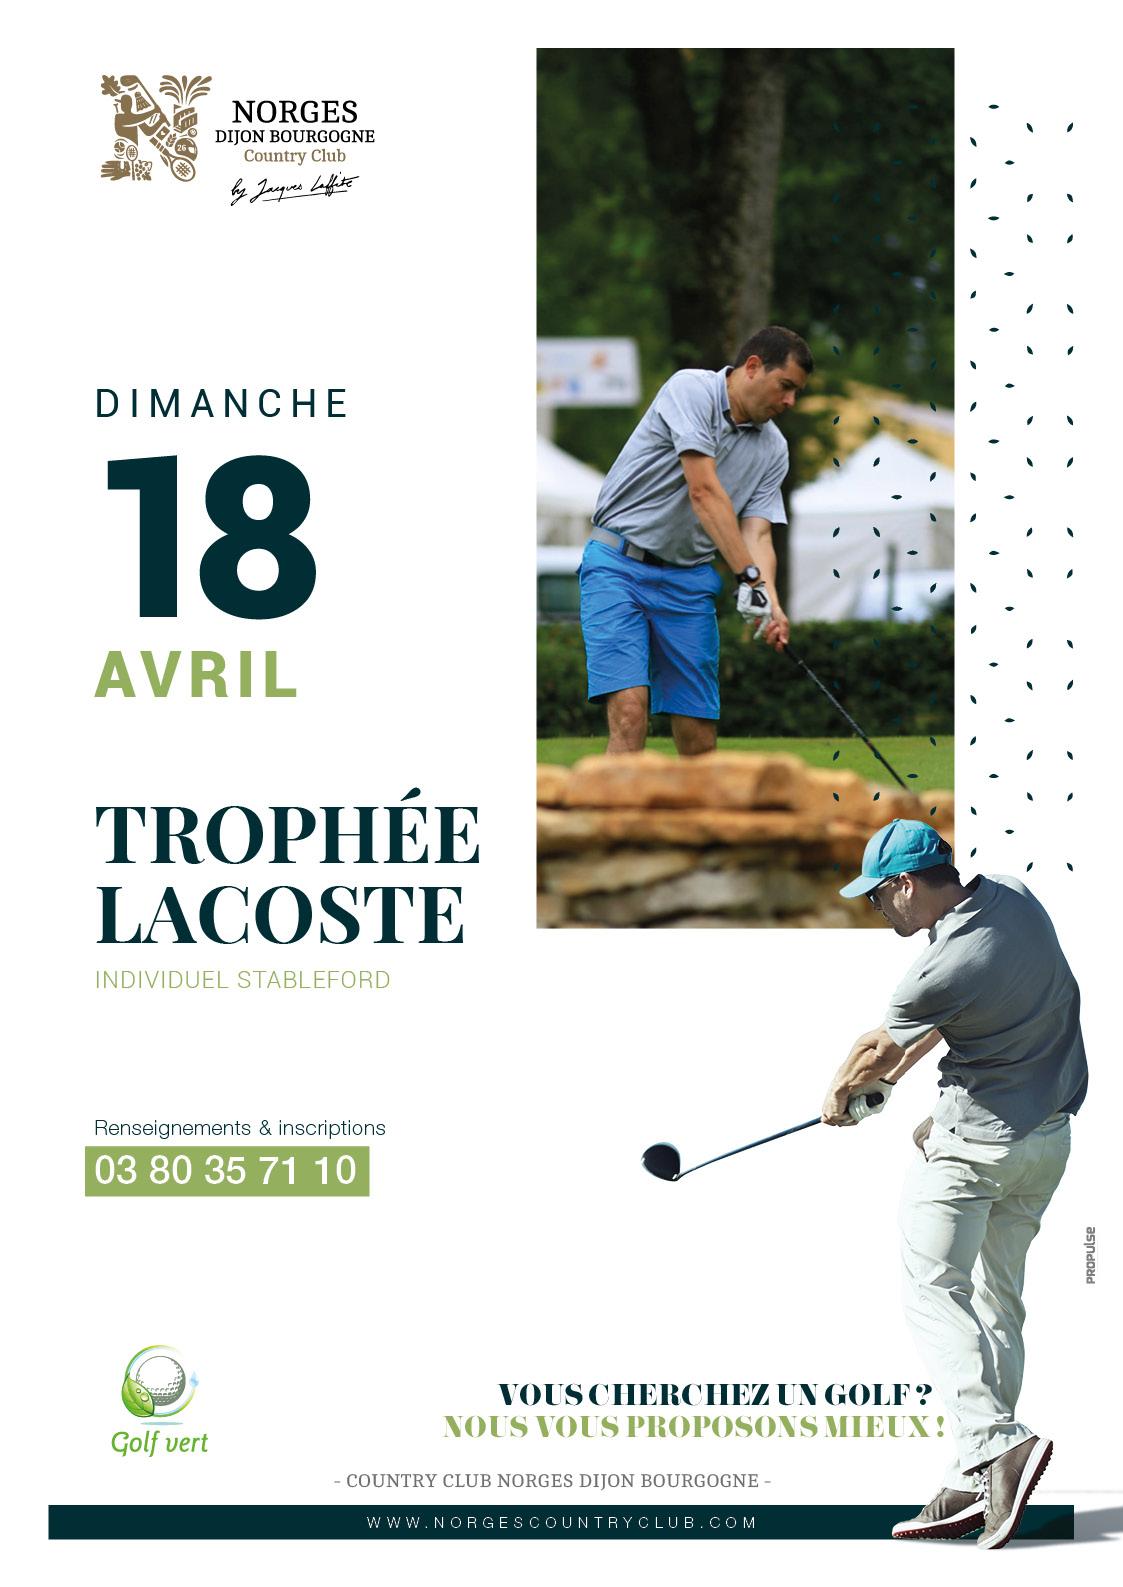 Trophée Lacoste